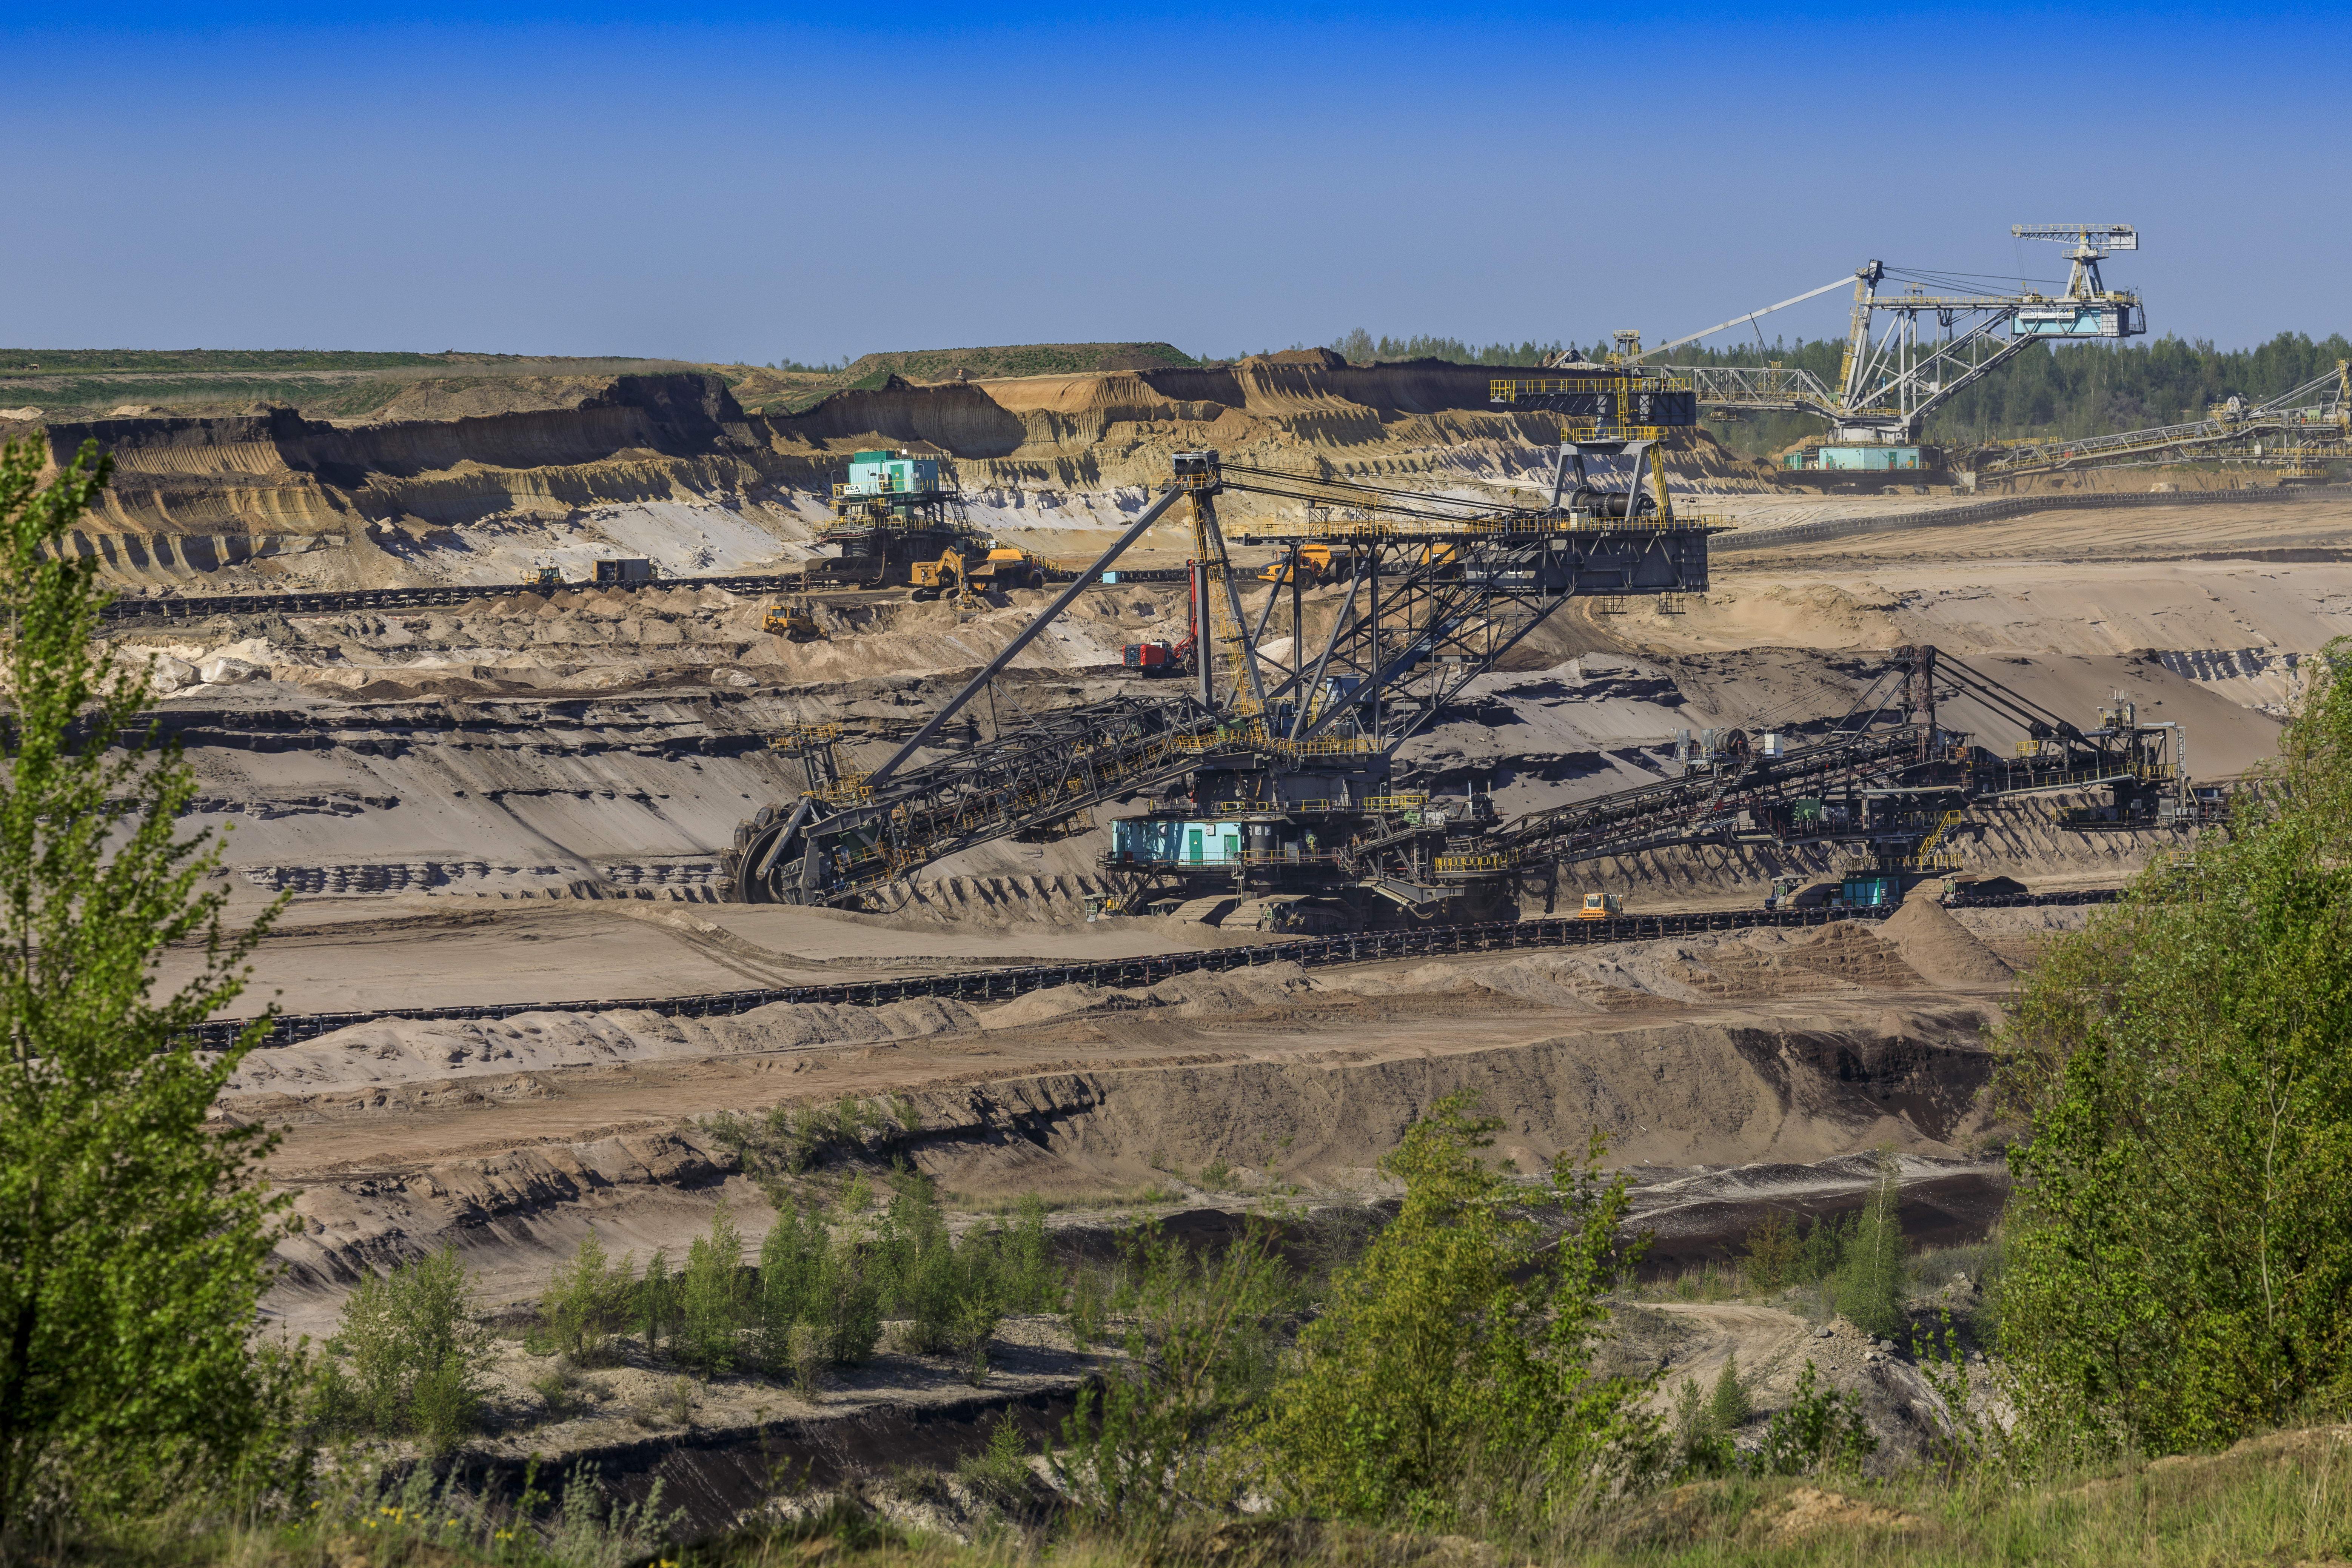 Befahrung im Tagebau Profen – 23.08., 9.00 bis 13.00 Uhr